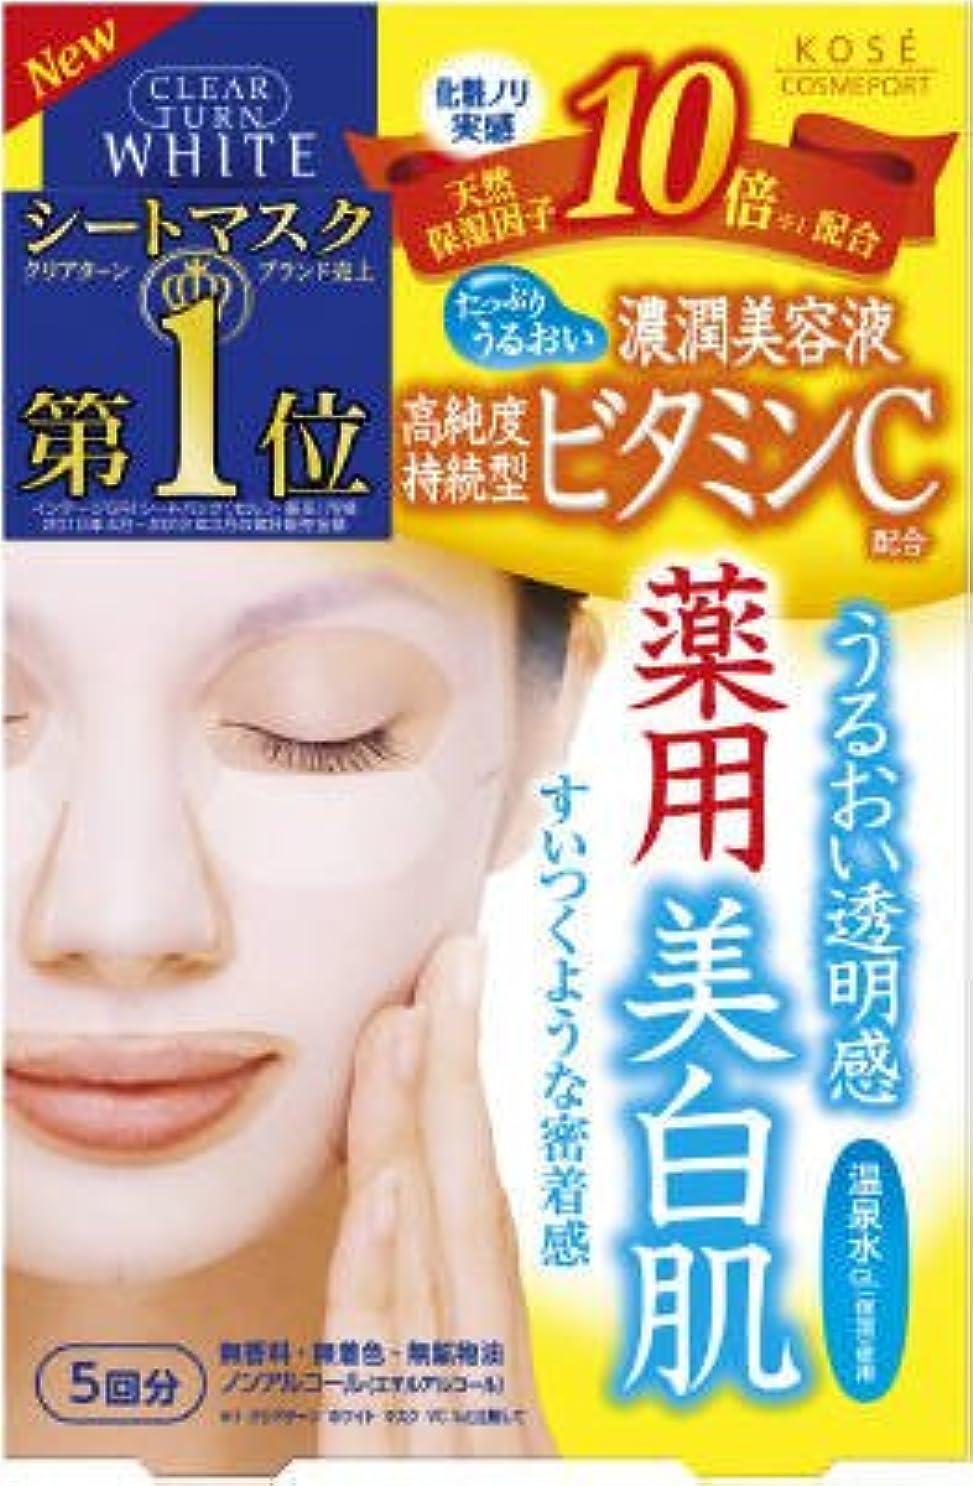 シャーク軽減する腰コーセー クリアターン ホワイトマスク ビタミンC 5回分×48点セット  無香料?無着色?ノンアルコール(シートタイプのパック)医薬部外品